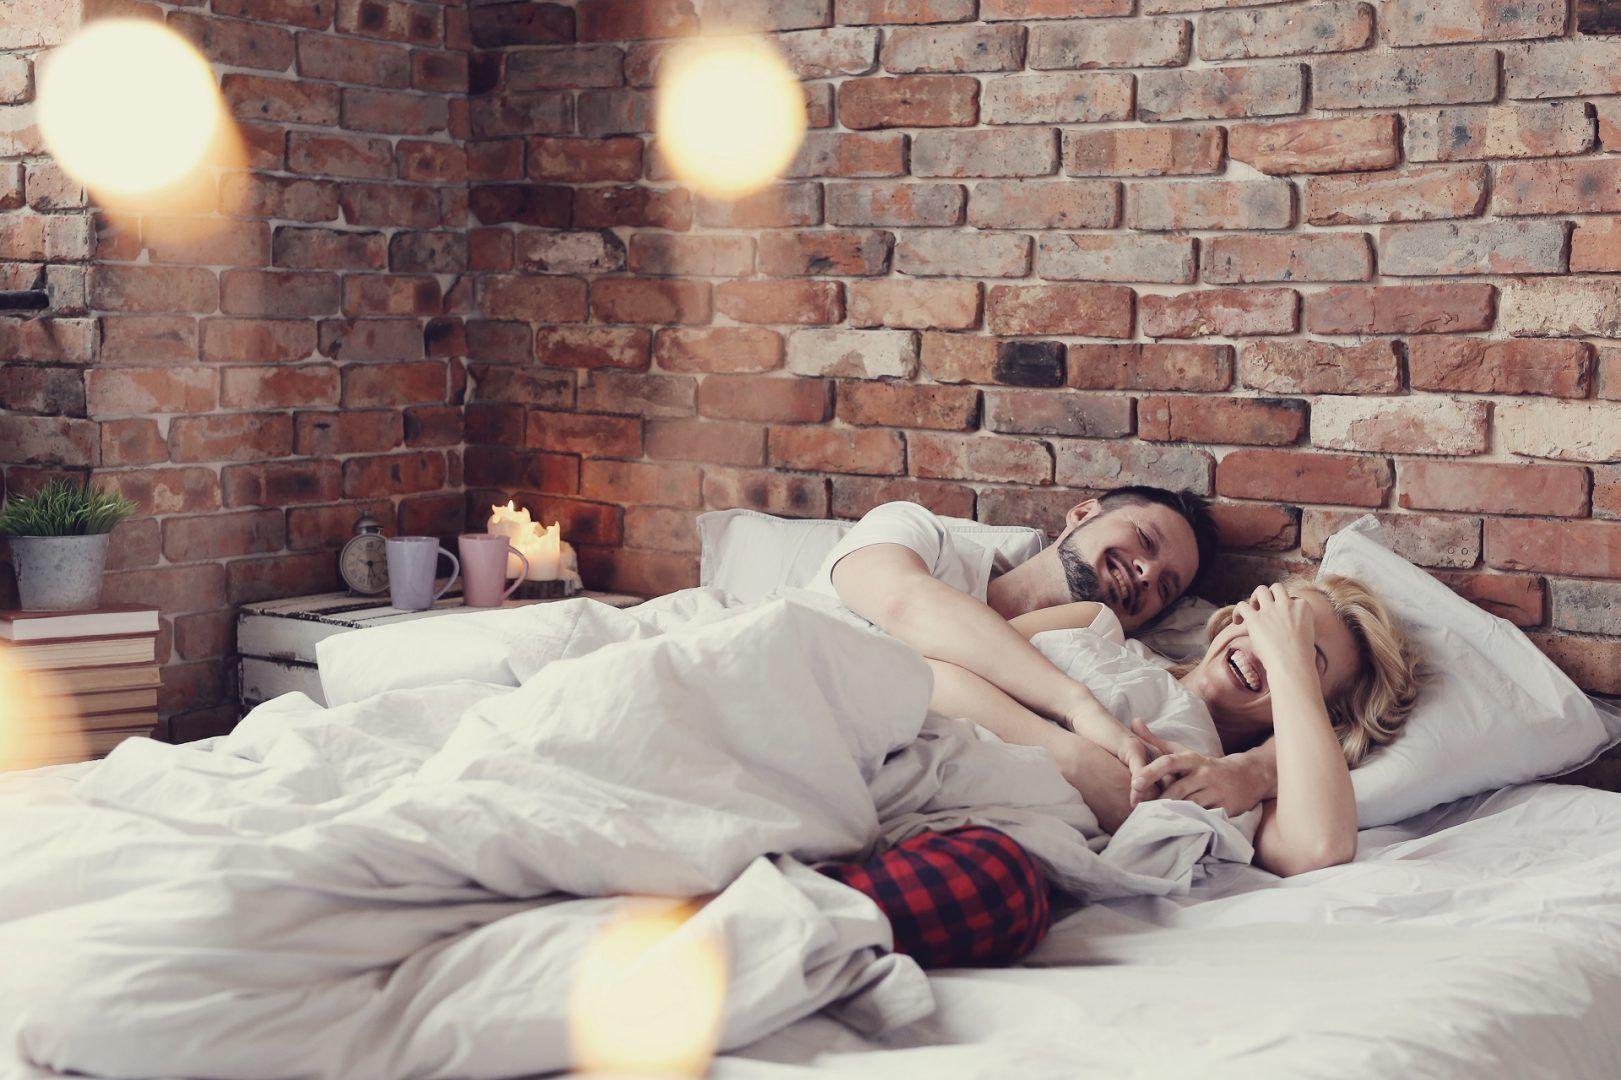 Als je veel beweegt in bed zal je dekbed er sneller uit floepen